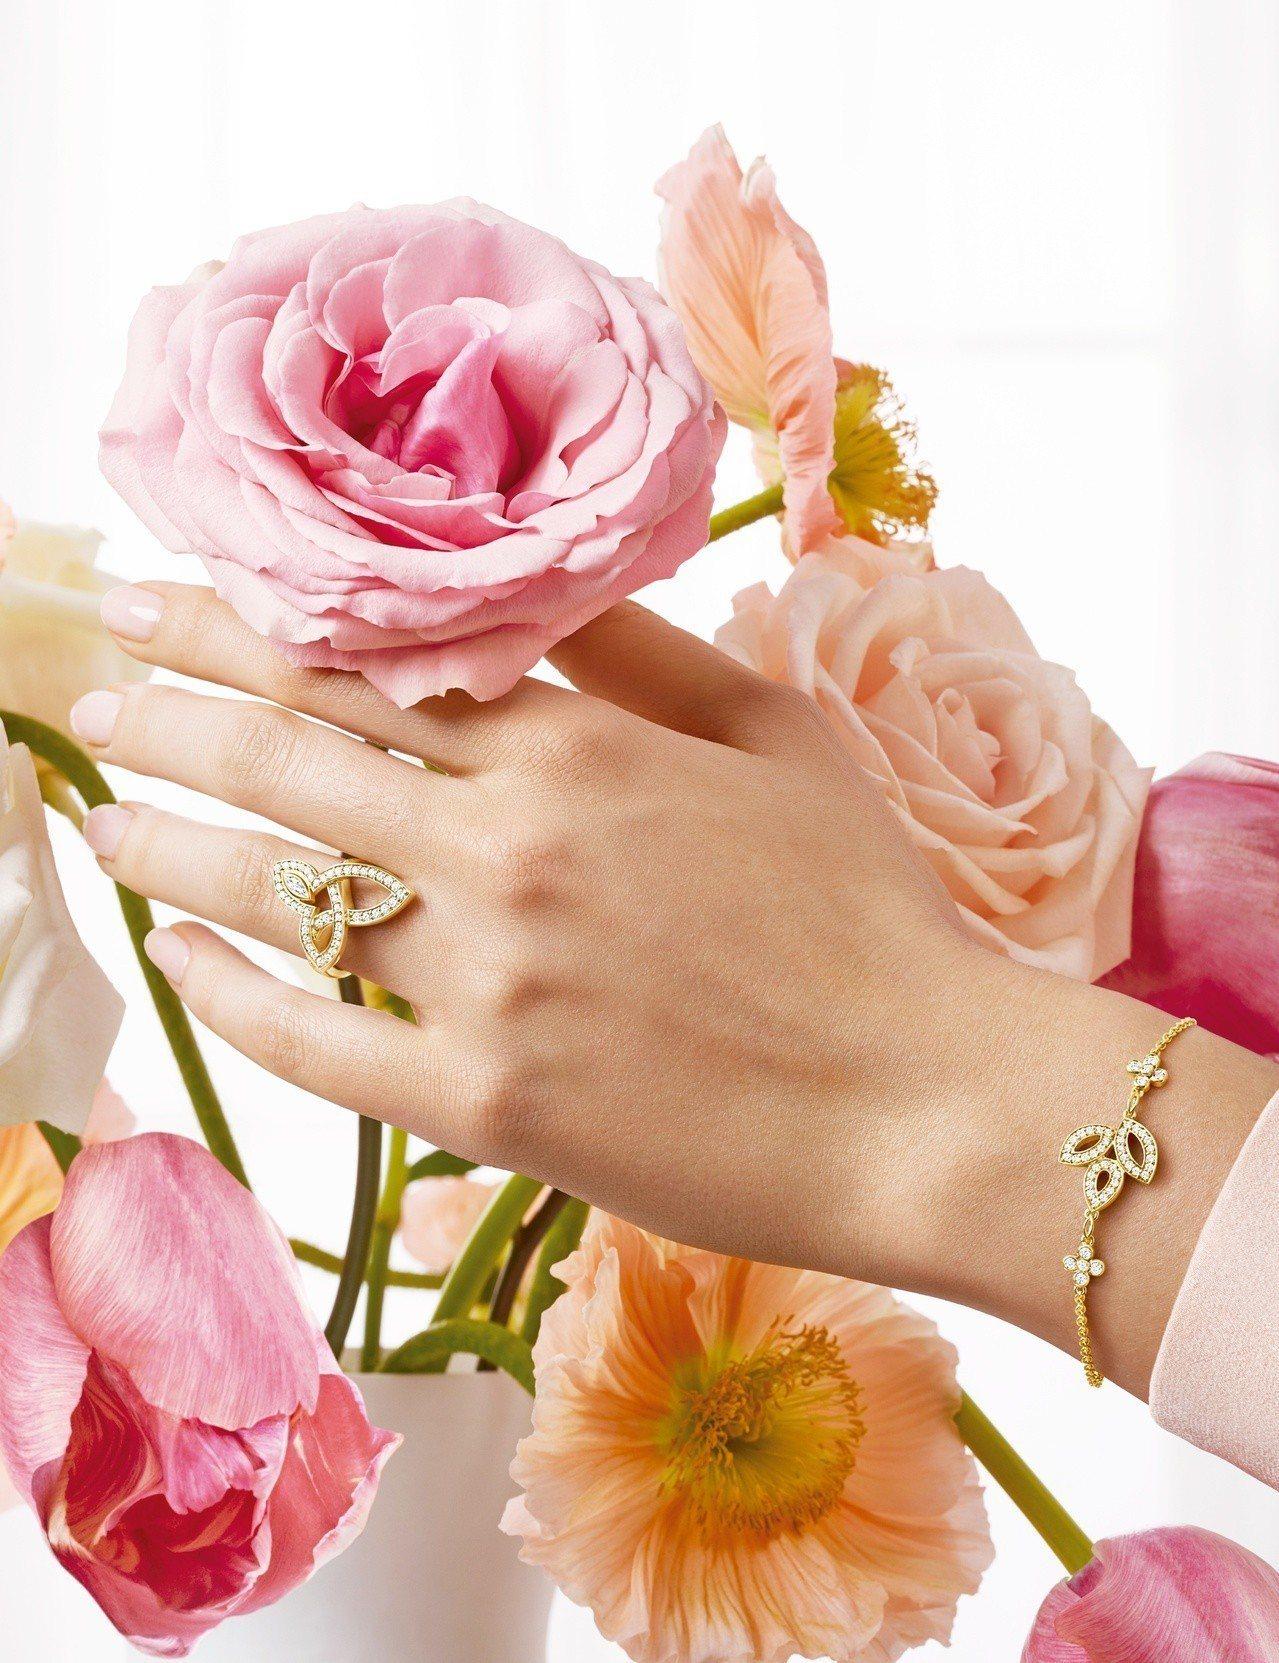 海瑞溫斯頓 Lily Cluster鑽石黃金手鍊及鑽石黃金戒指。圖/Harry ...